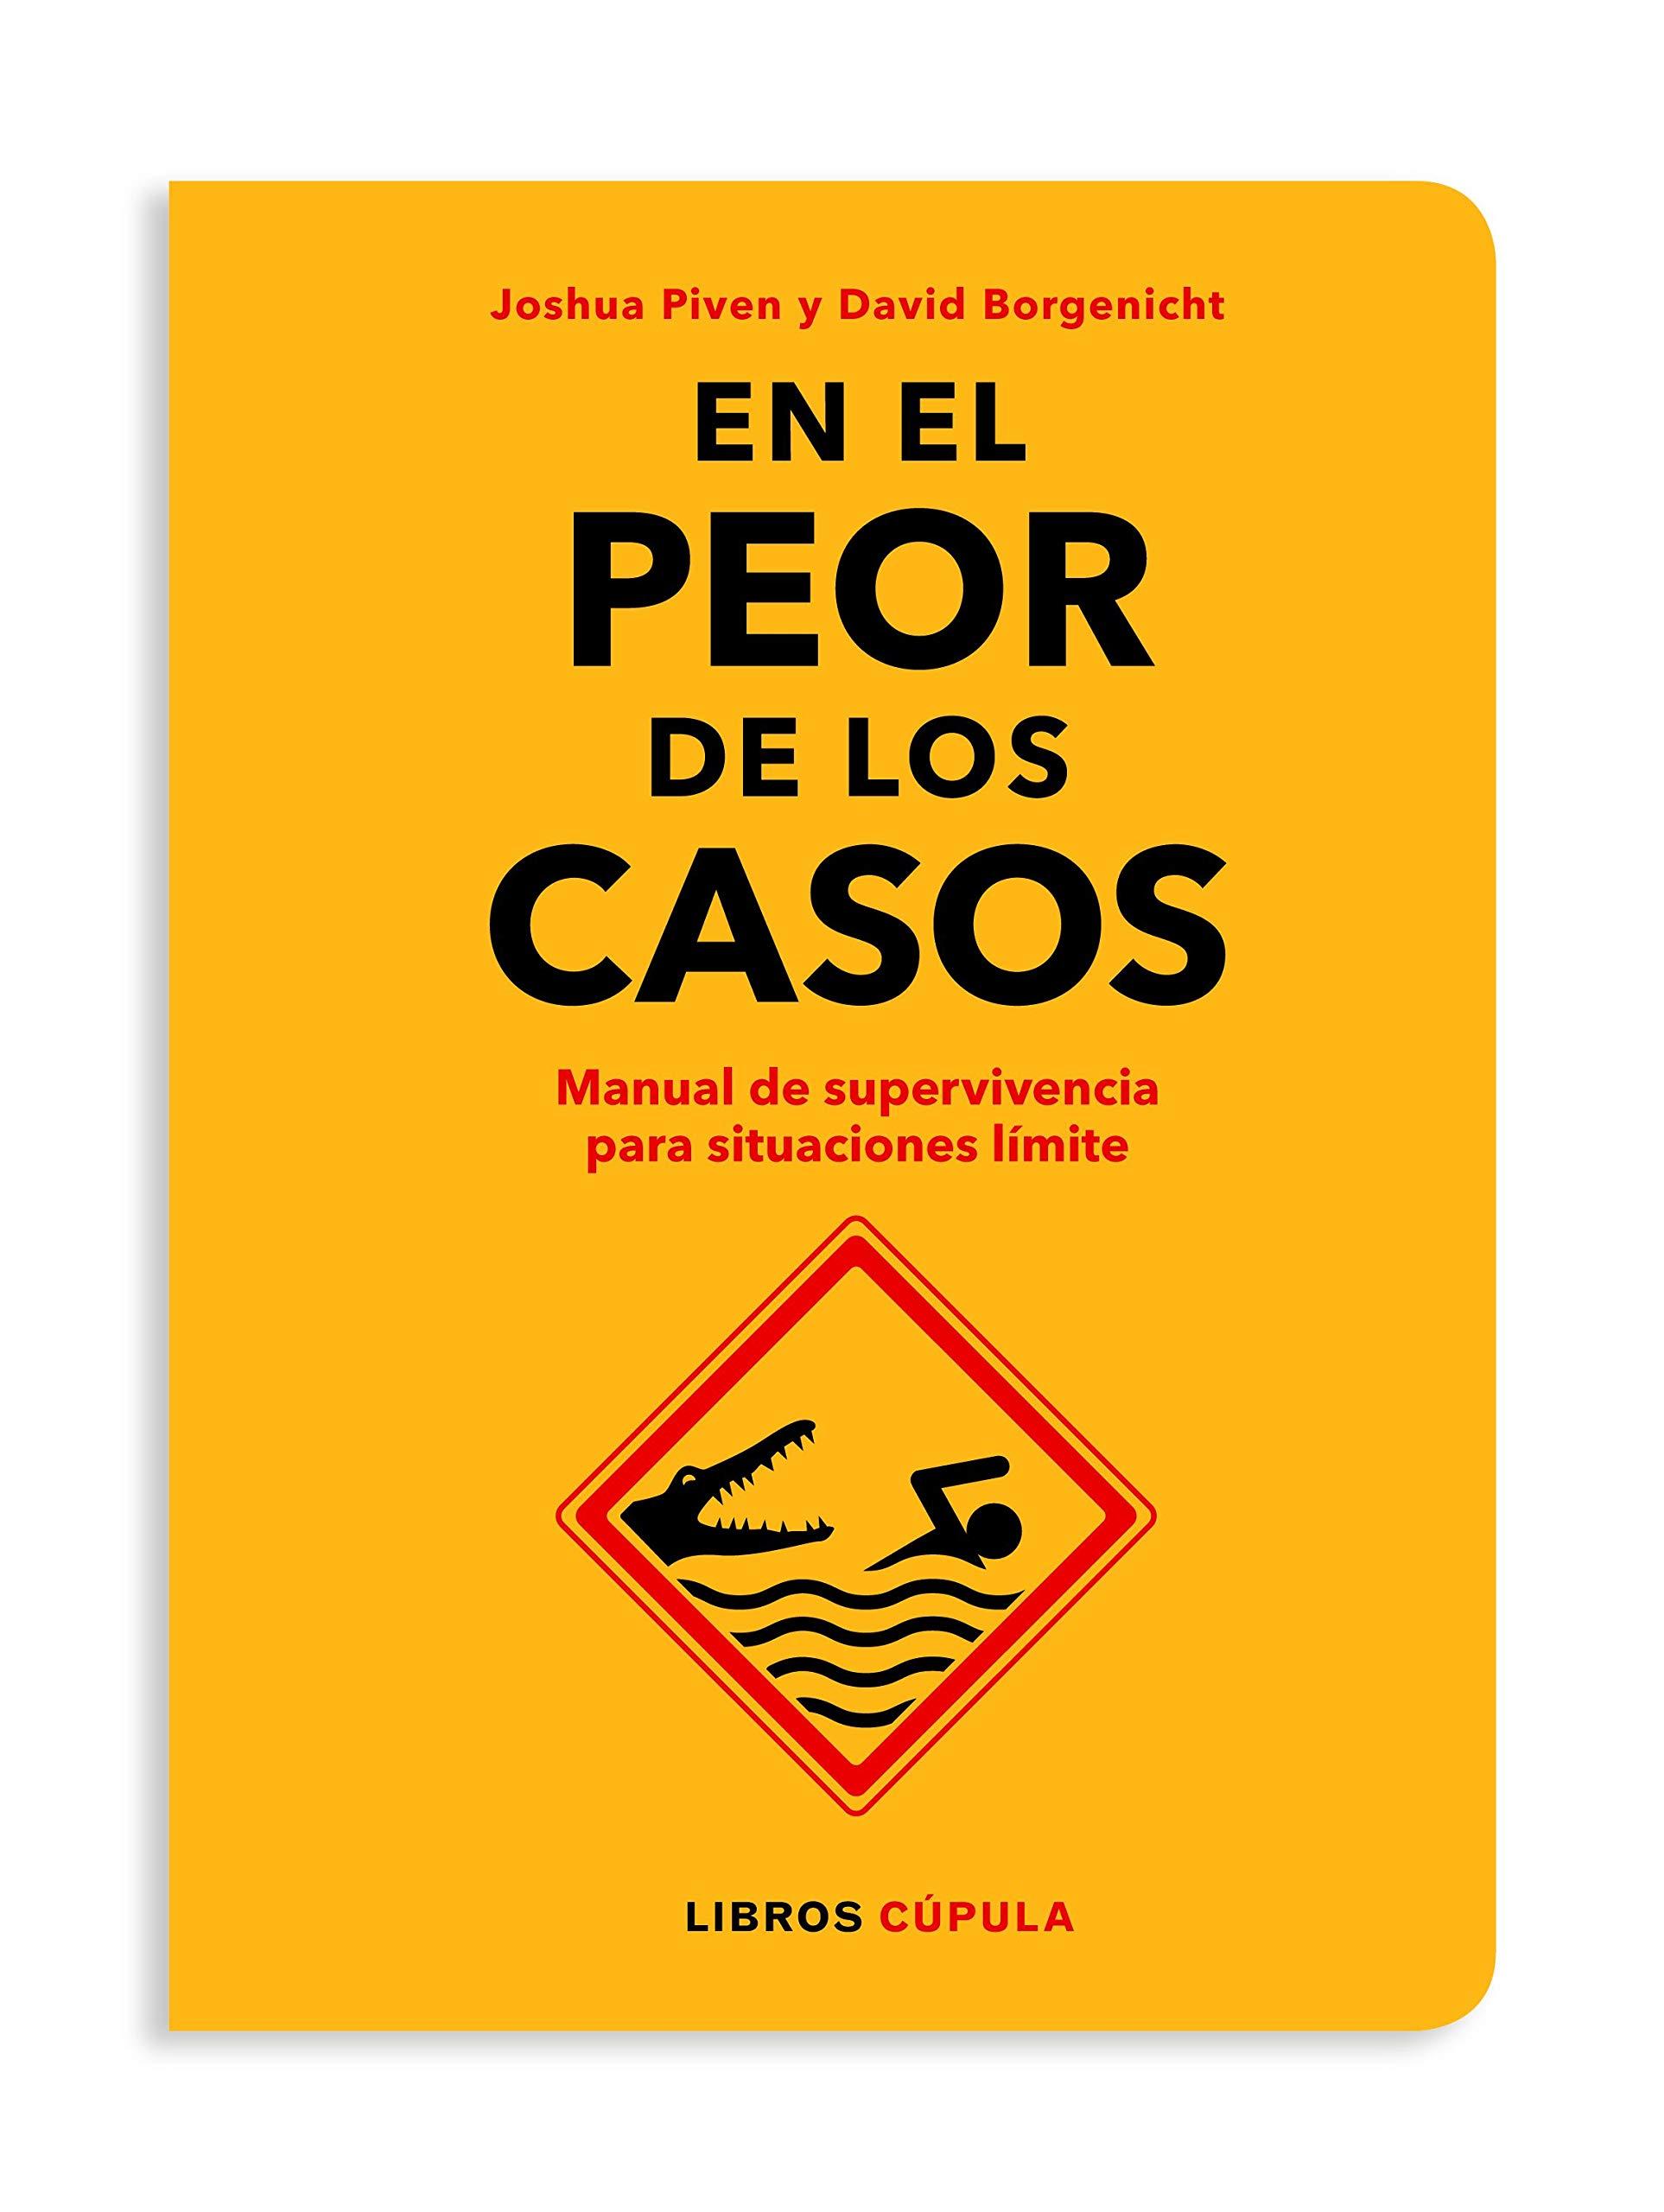 En el peor de los casos: Manual de supervivencia para situaciones límite (Varios)